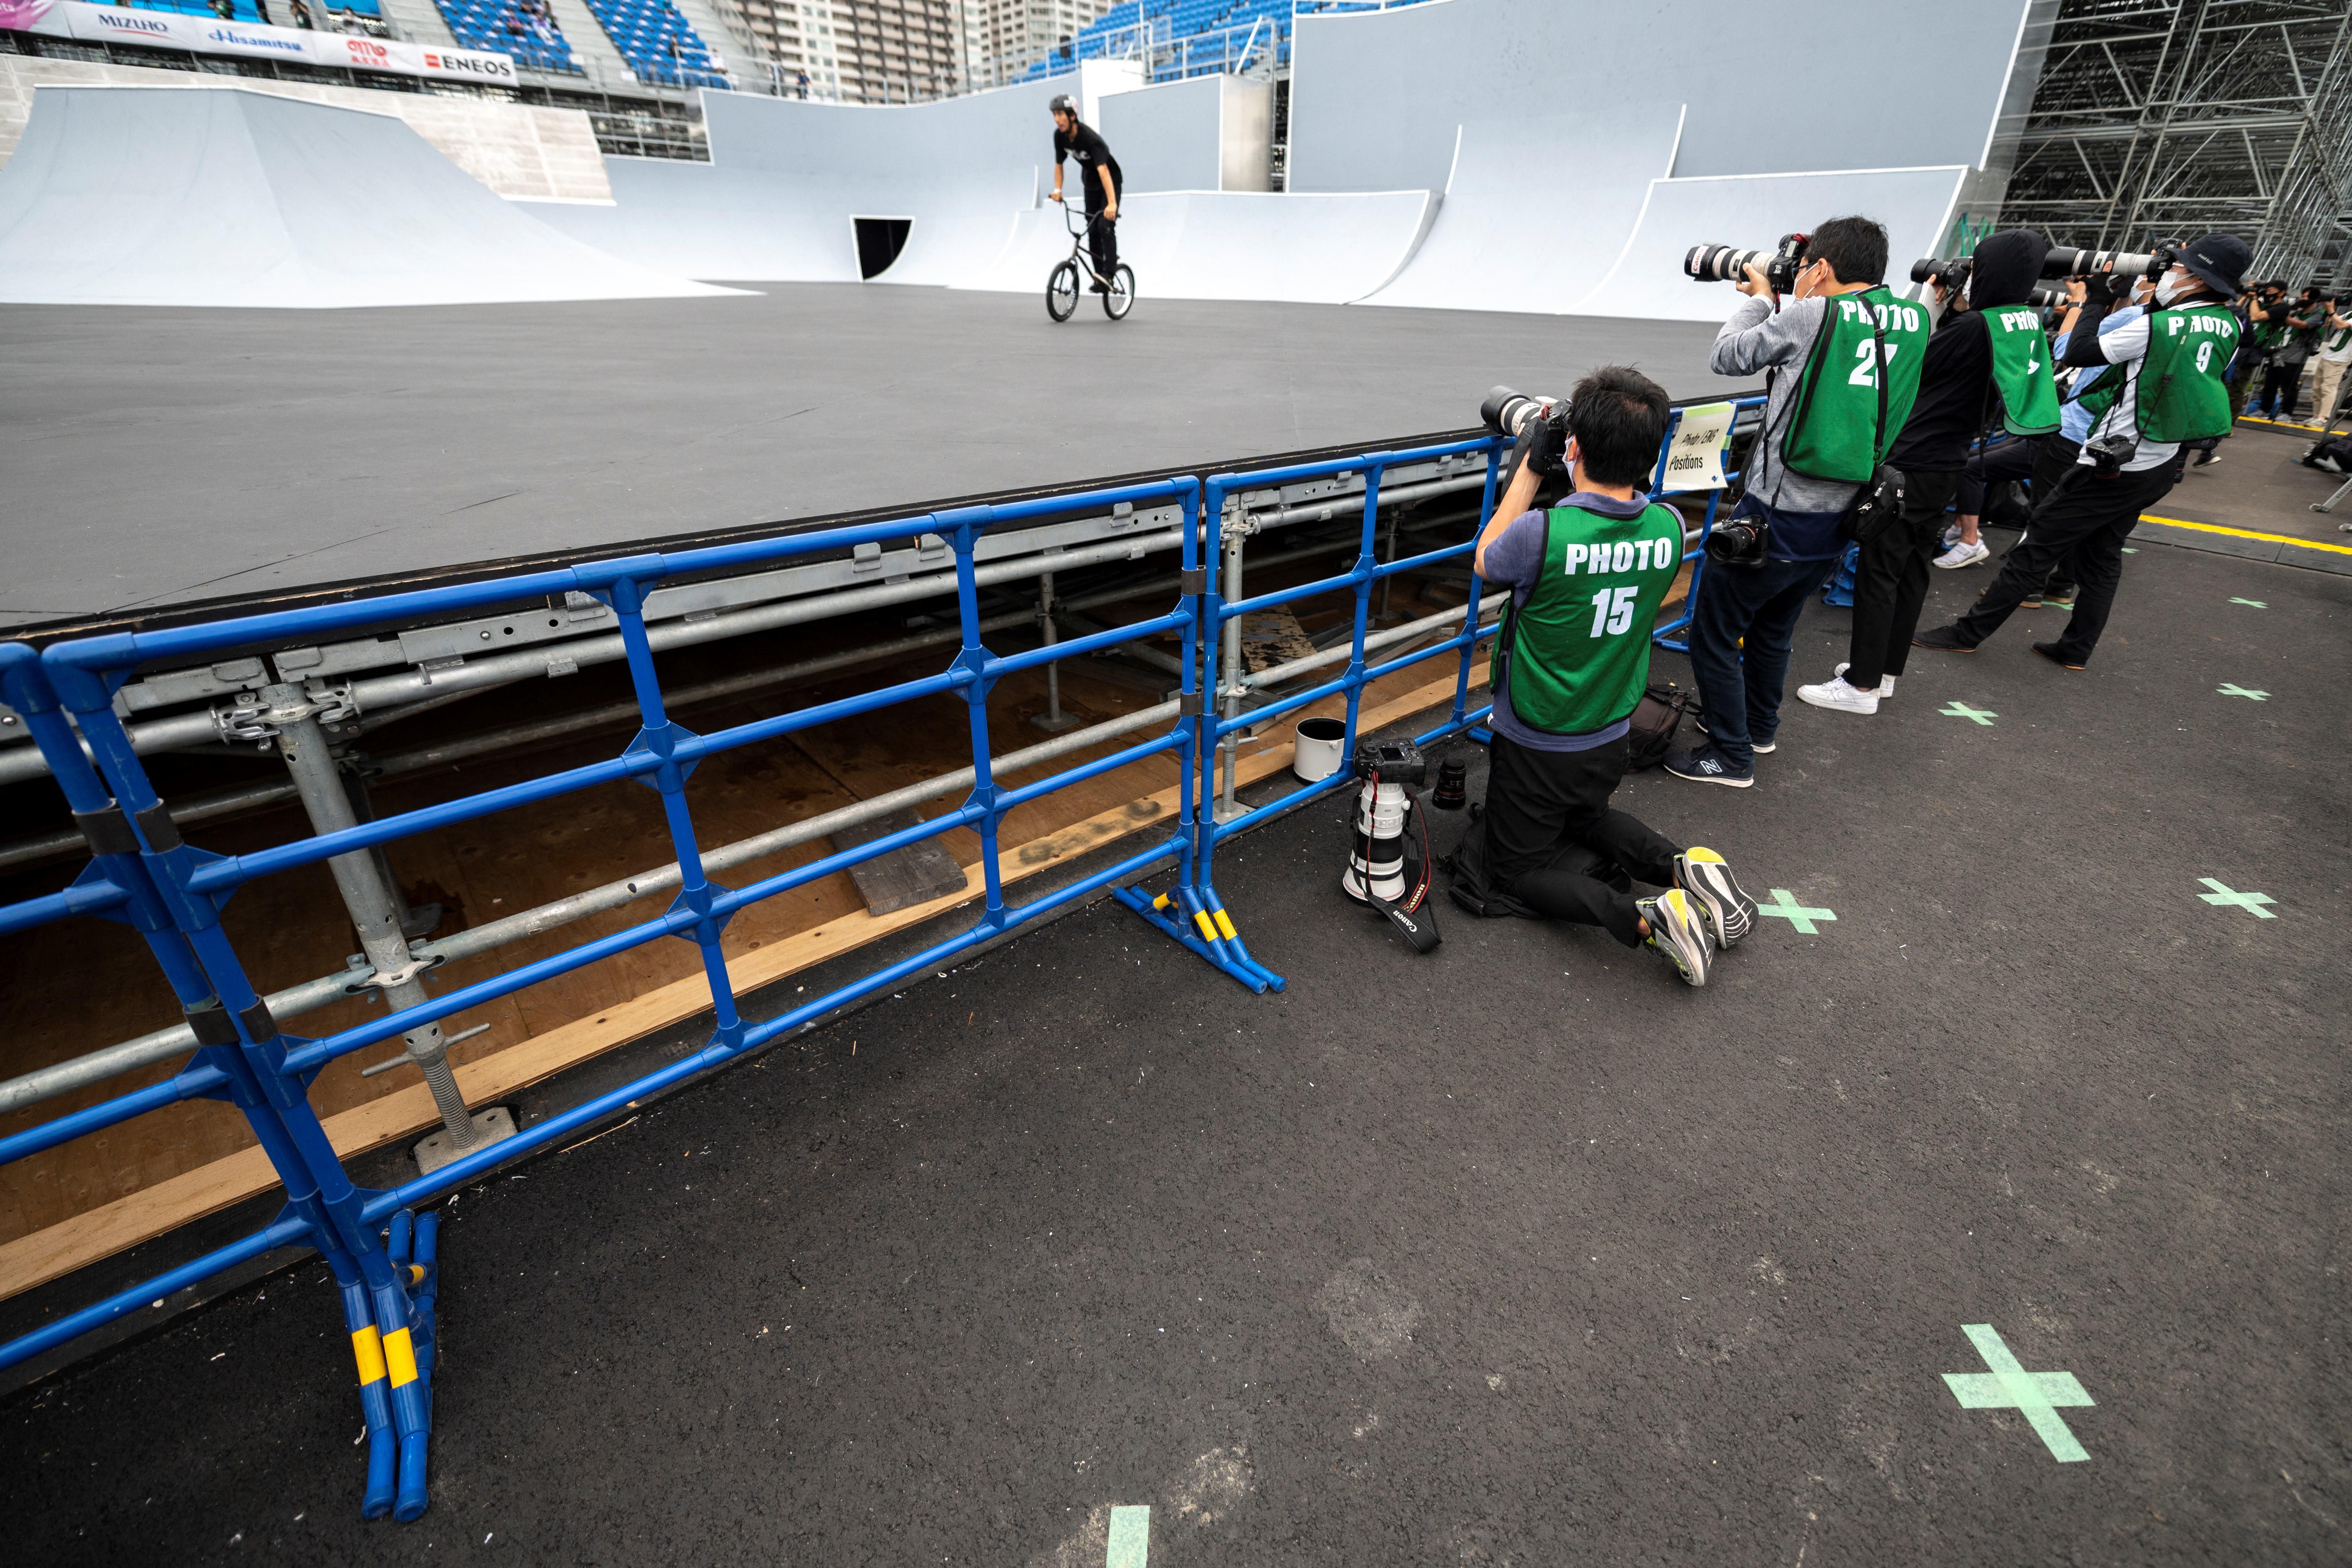 Az olimpiáról közvetítő sajtósok körülbelül 80 százaléka be lesz oltva